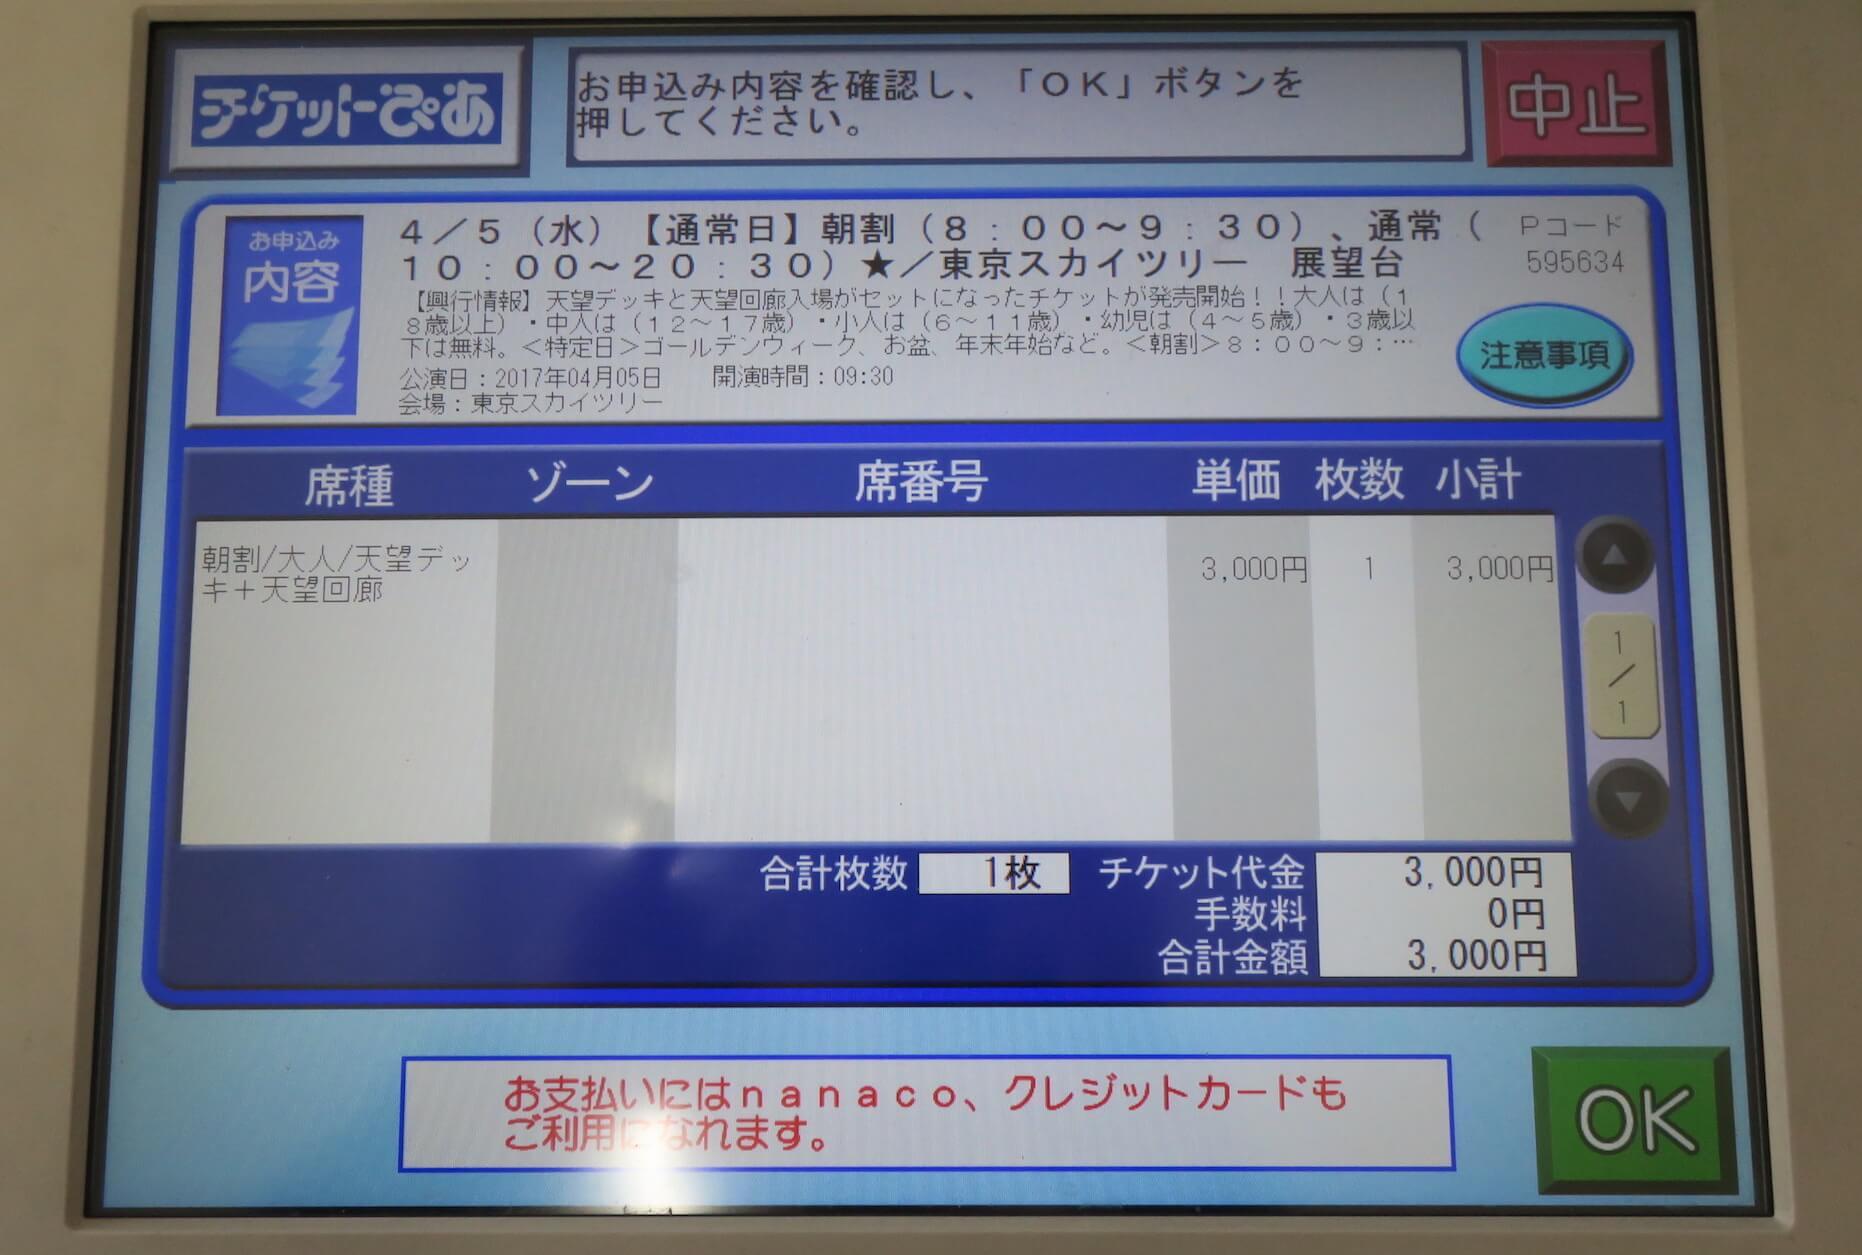 チケット発券機操作方法06